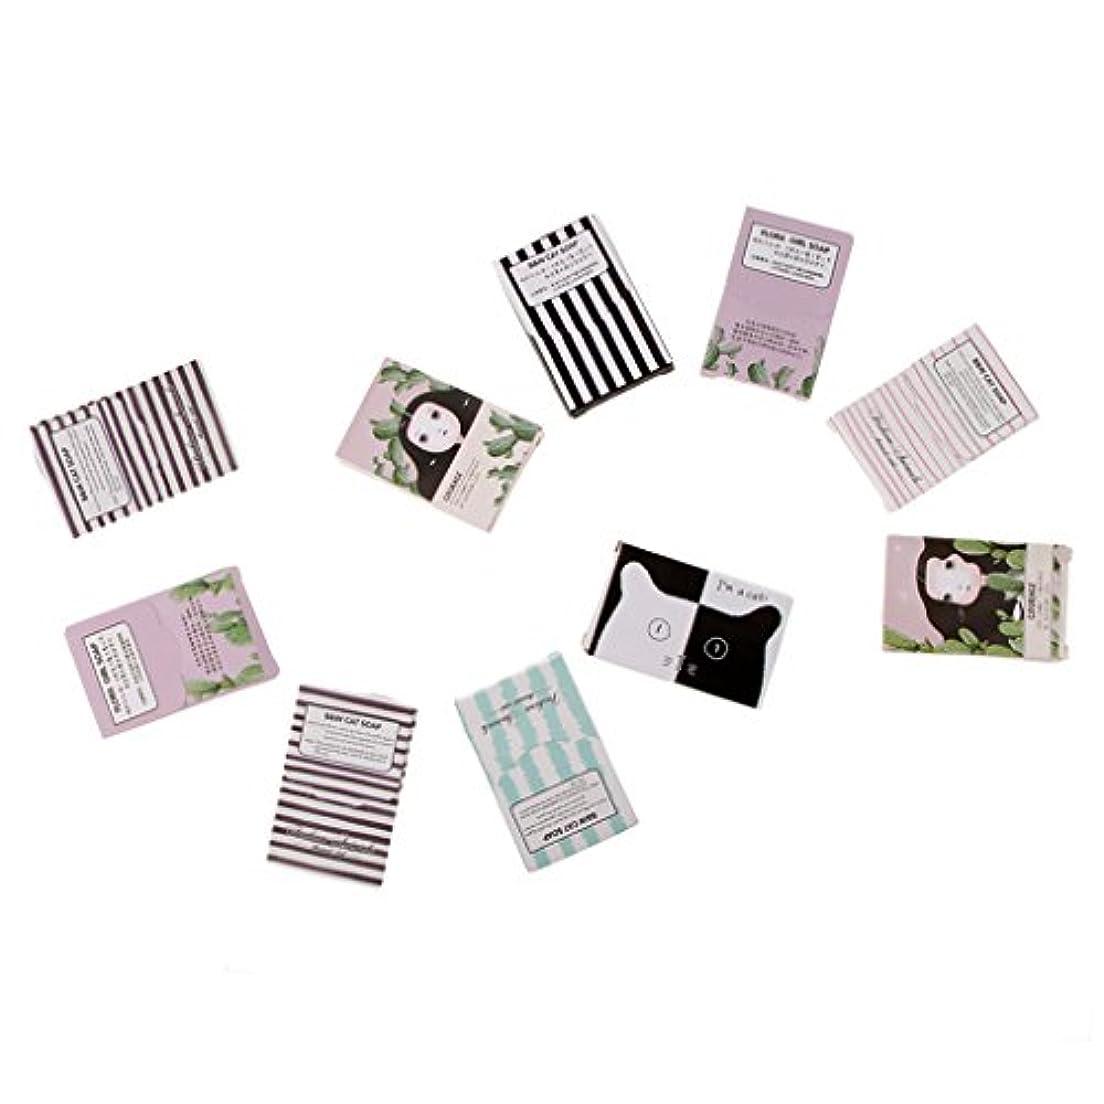 取り出す発動機湿度Baosity 石鹸シート 手洗い 石鹸フレーク キャン プアウトドア 旅行紙 約150枚